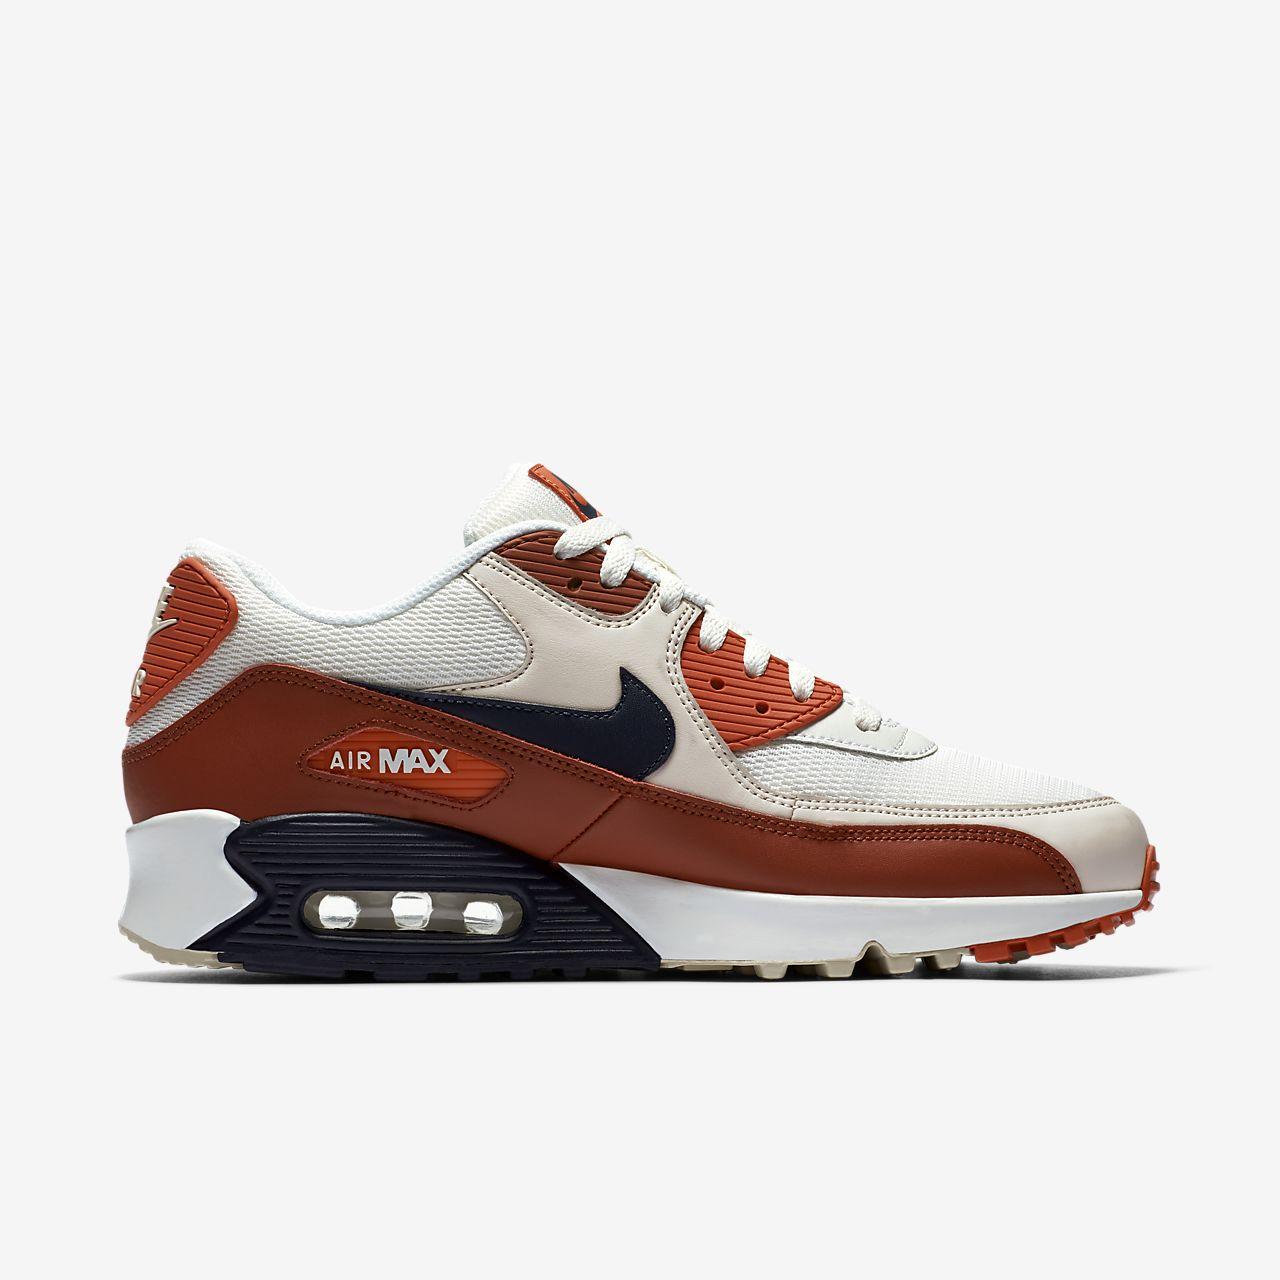 Chaussures Nike Air Max 90 Essential marron Fashion homme